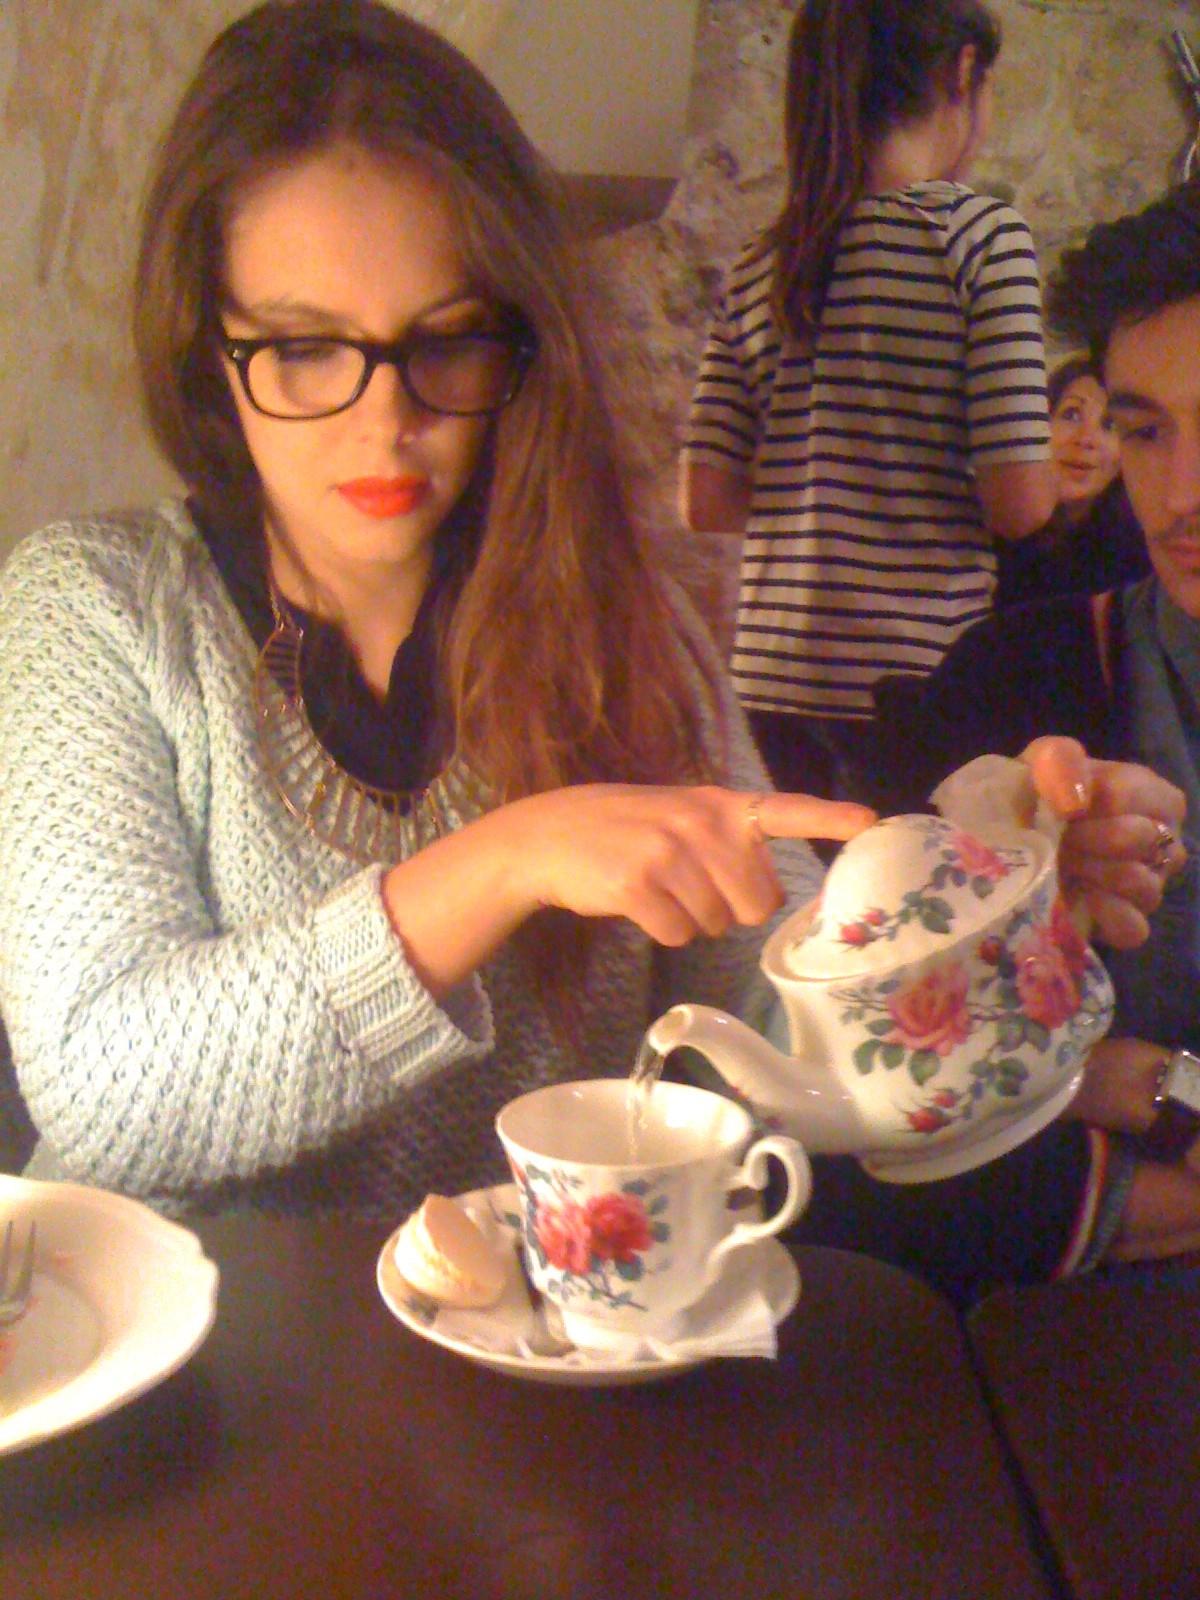 Tea time les petites choses du monde de chacha blog for L autre salon de the bordeaux